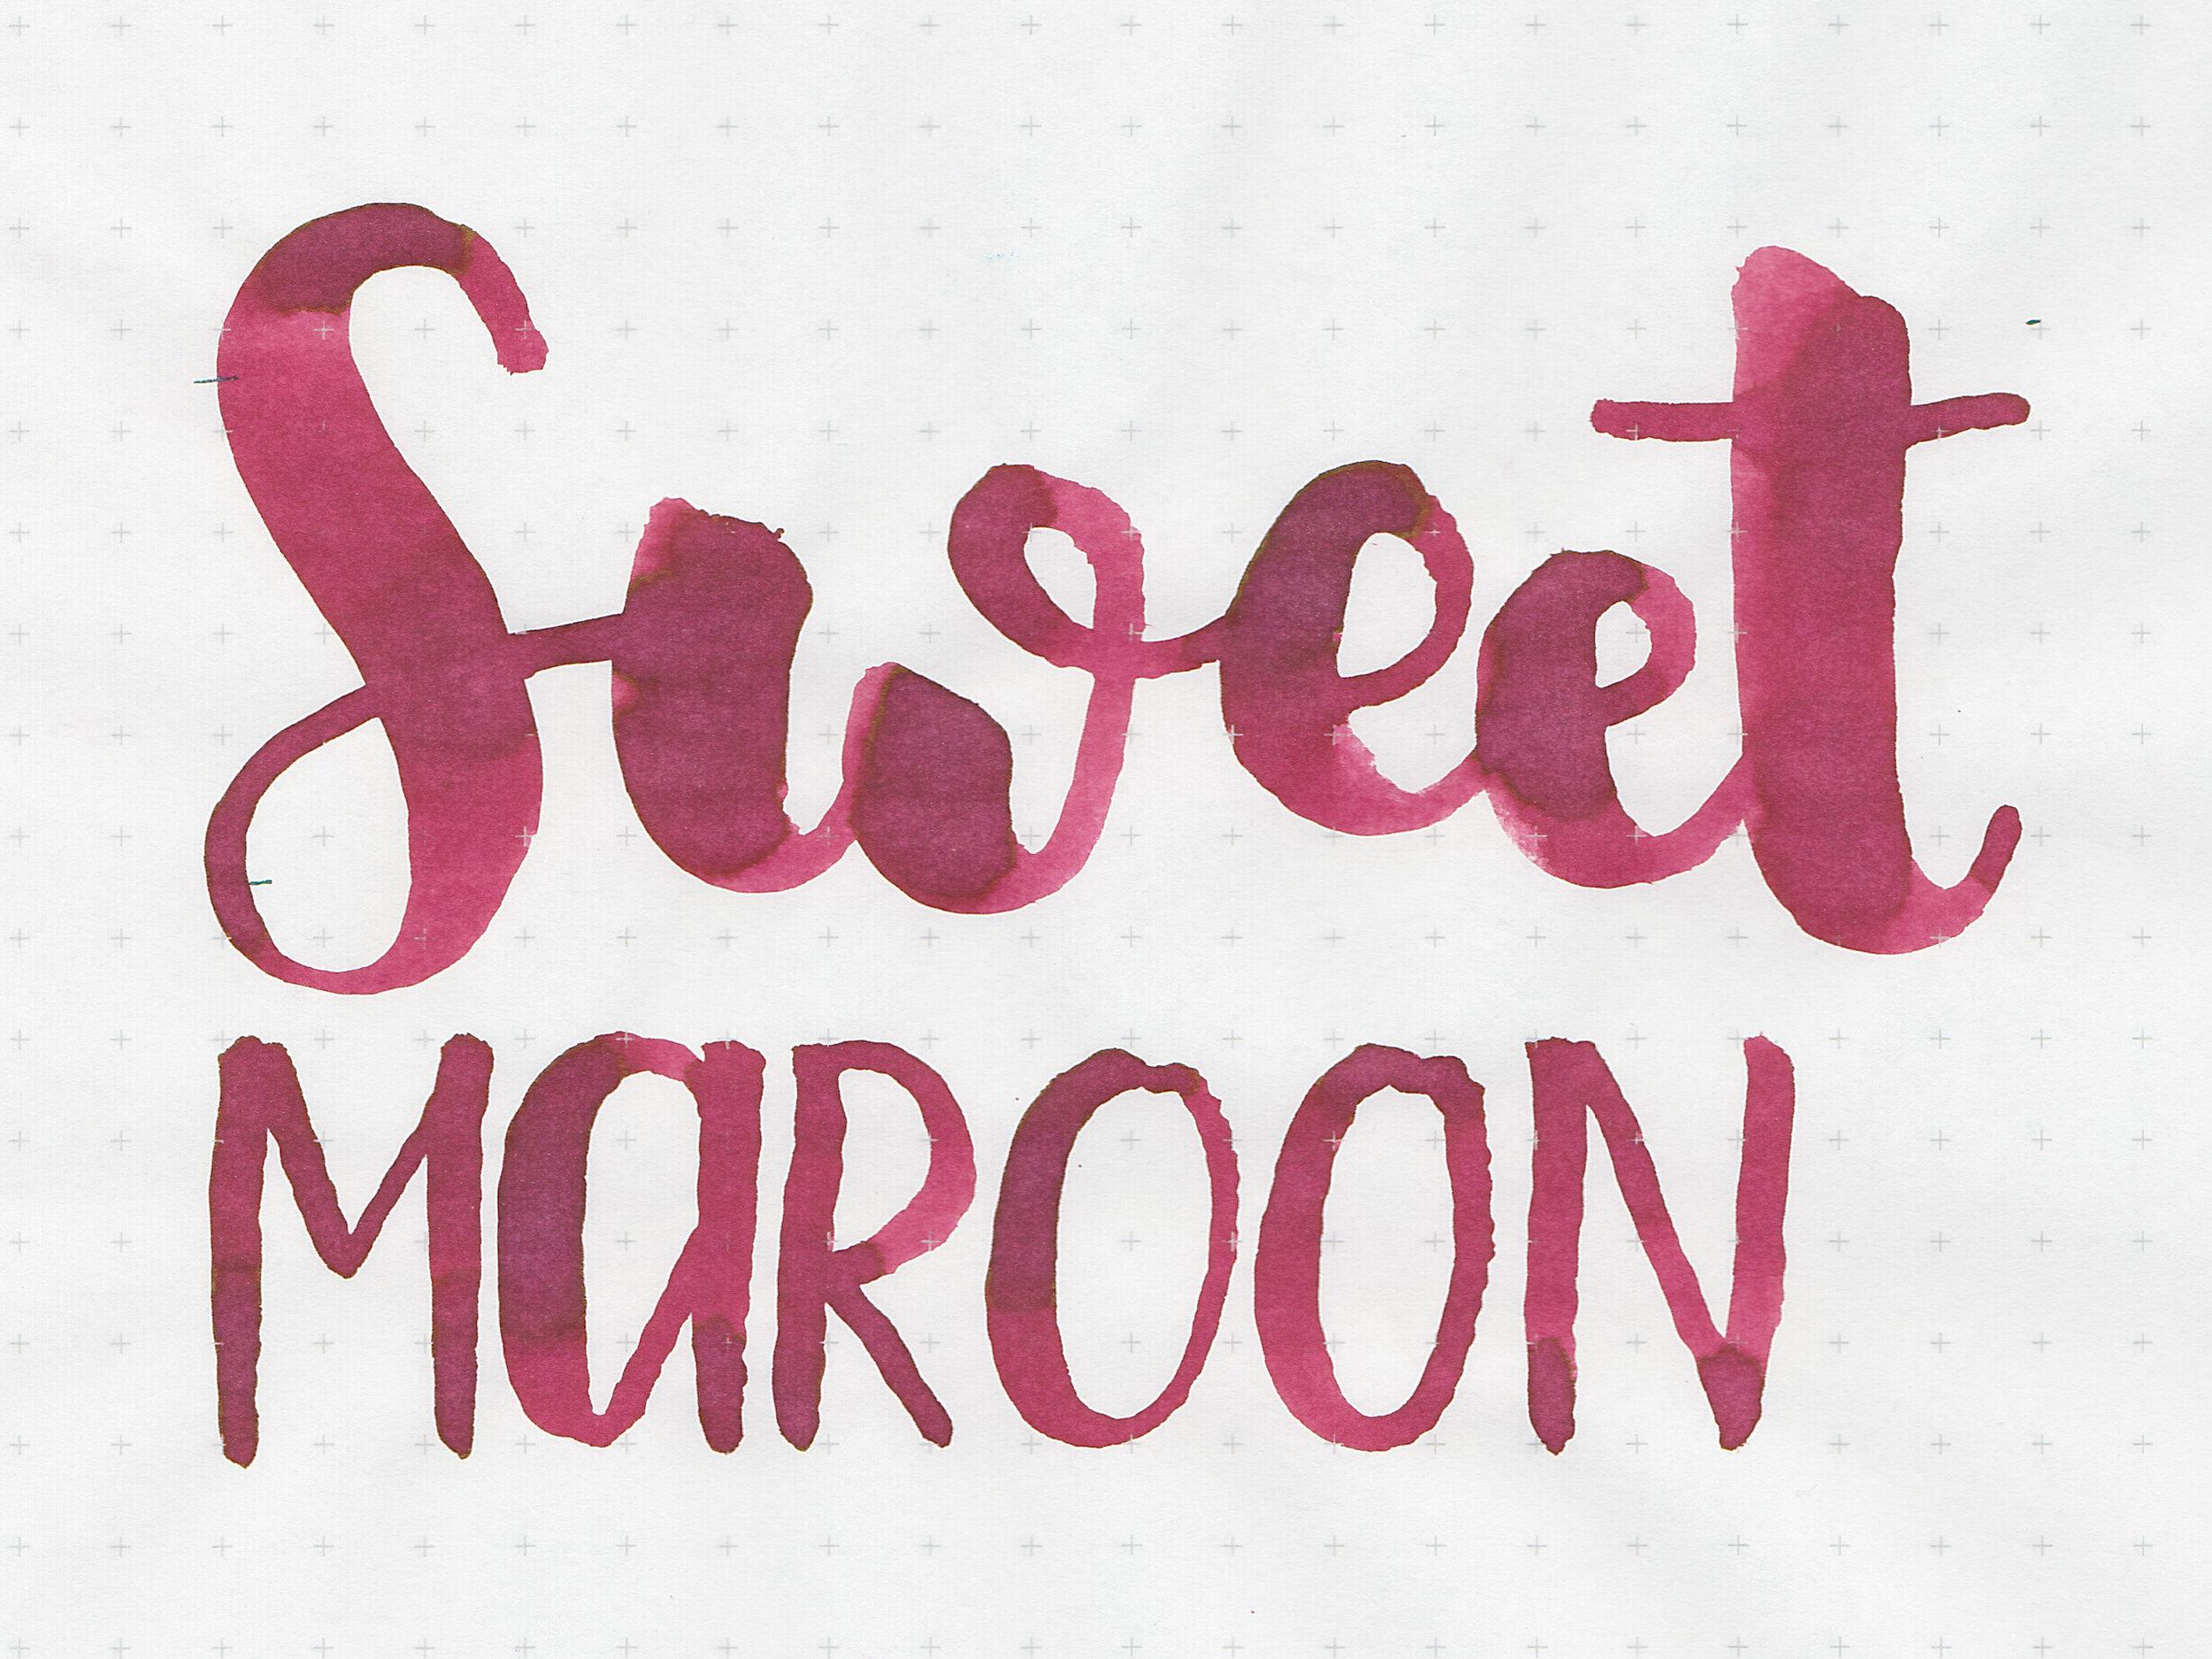 fc-sweet-maroon-2.jpg